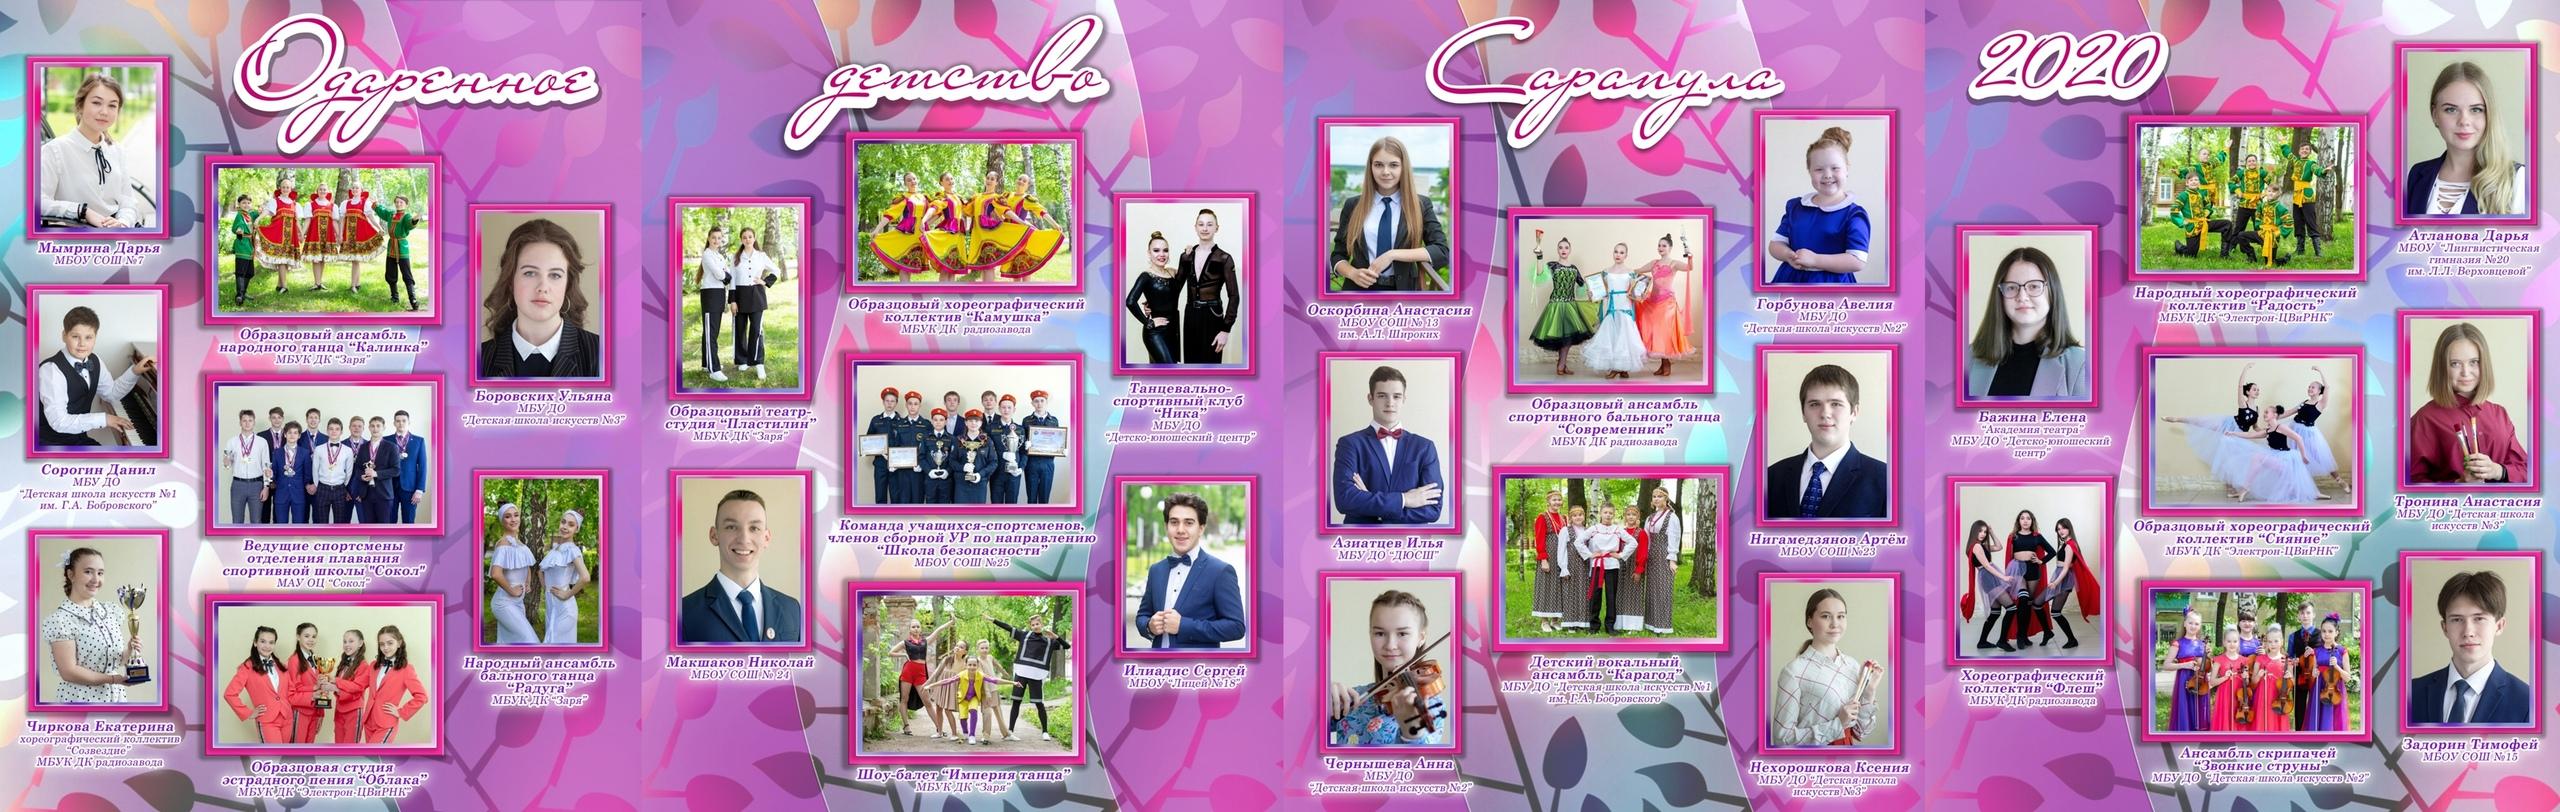 7sUBnfQUHrA - Поздравляем наших Лауреатов 15-ой Городской церемонии «Одаренное детство Сарапула»